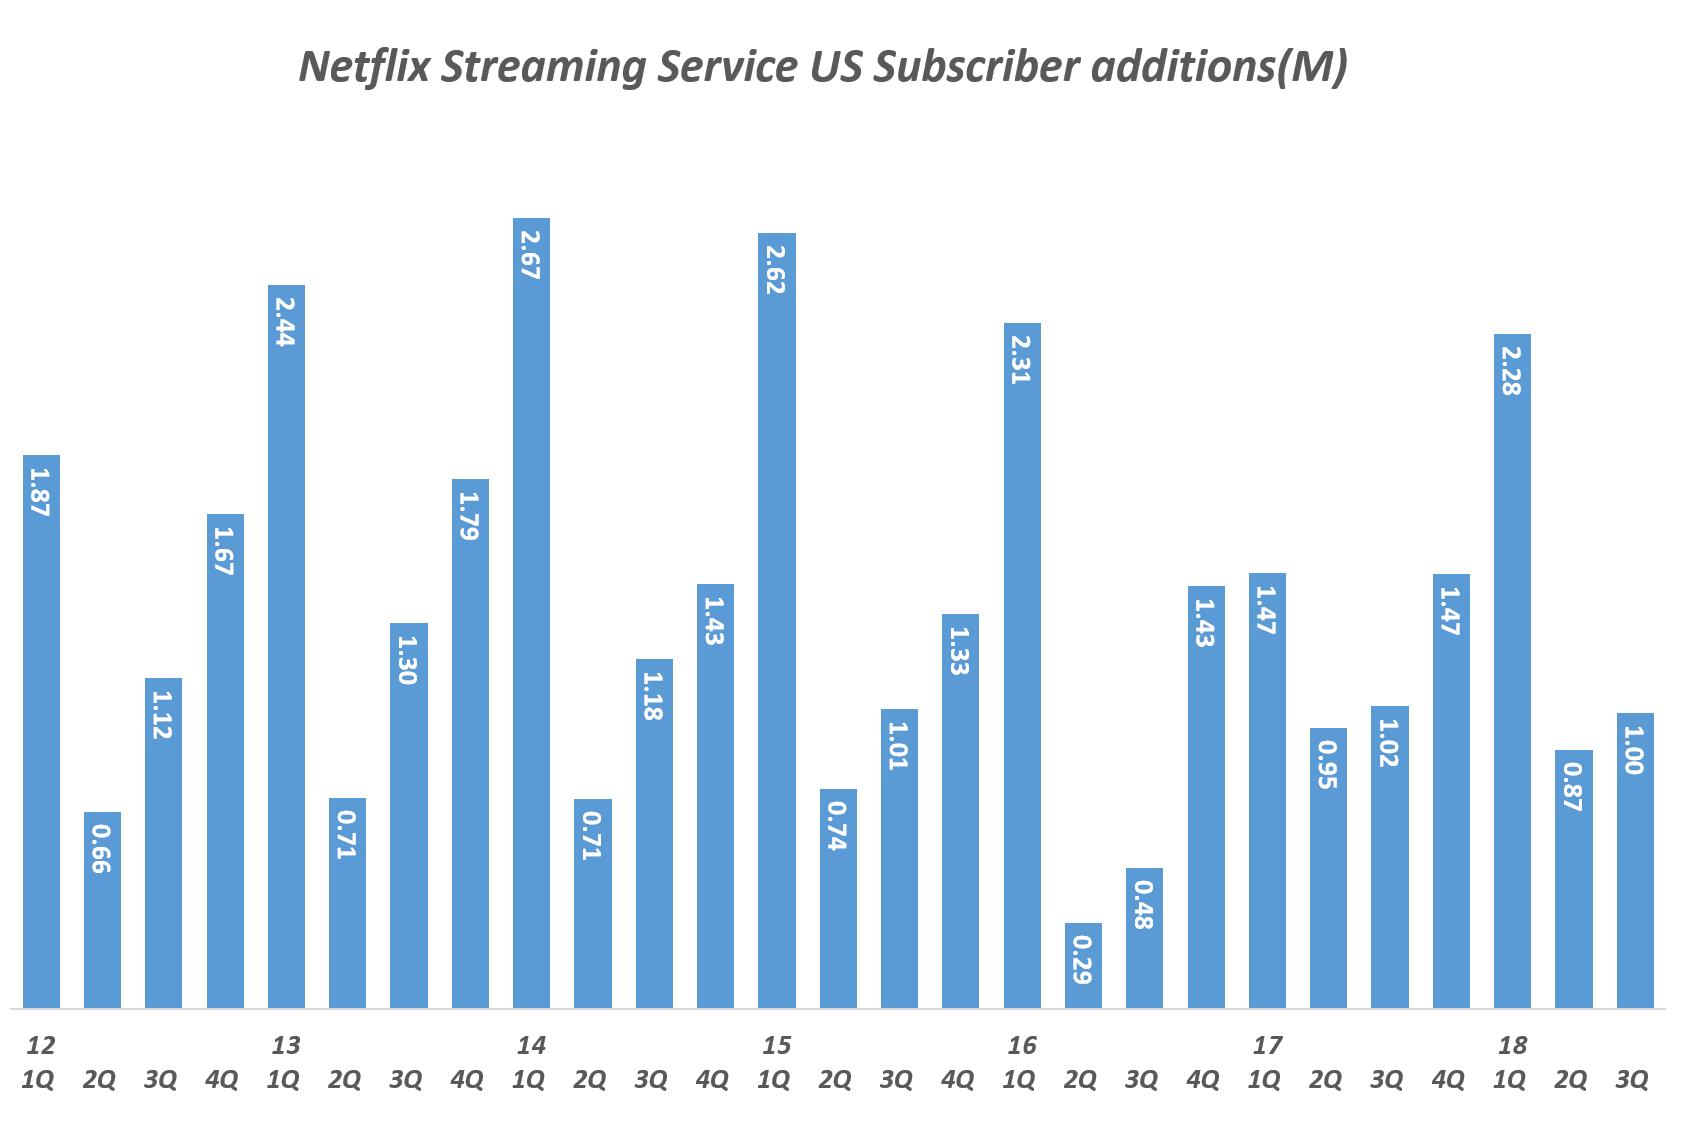 넷플릭스 분기별 스트리밍 서비스 미국 유료 구독자 증가 추이(Quarterly Netflix Streaming Service US Subscriber additions(M), Graph by Happist